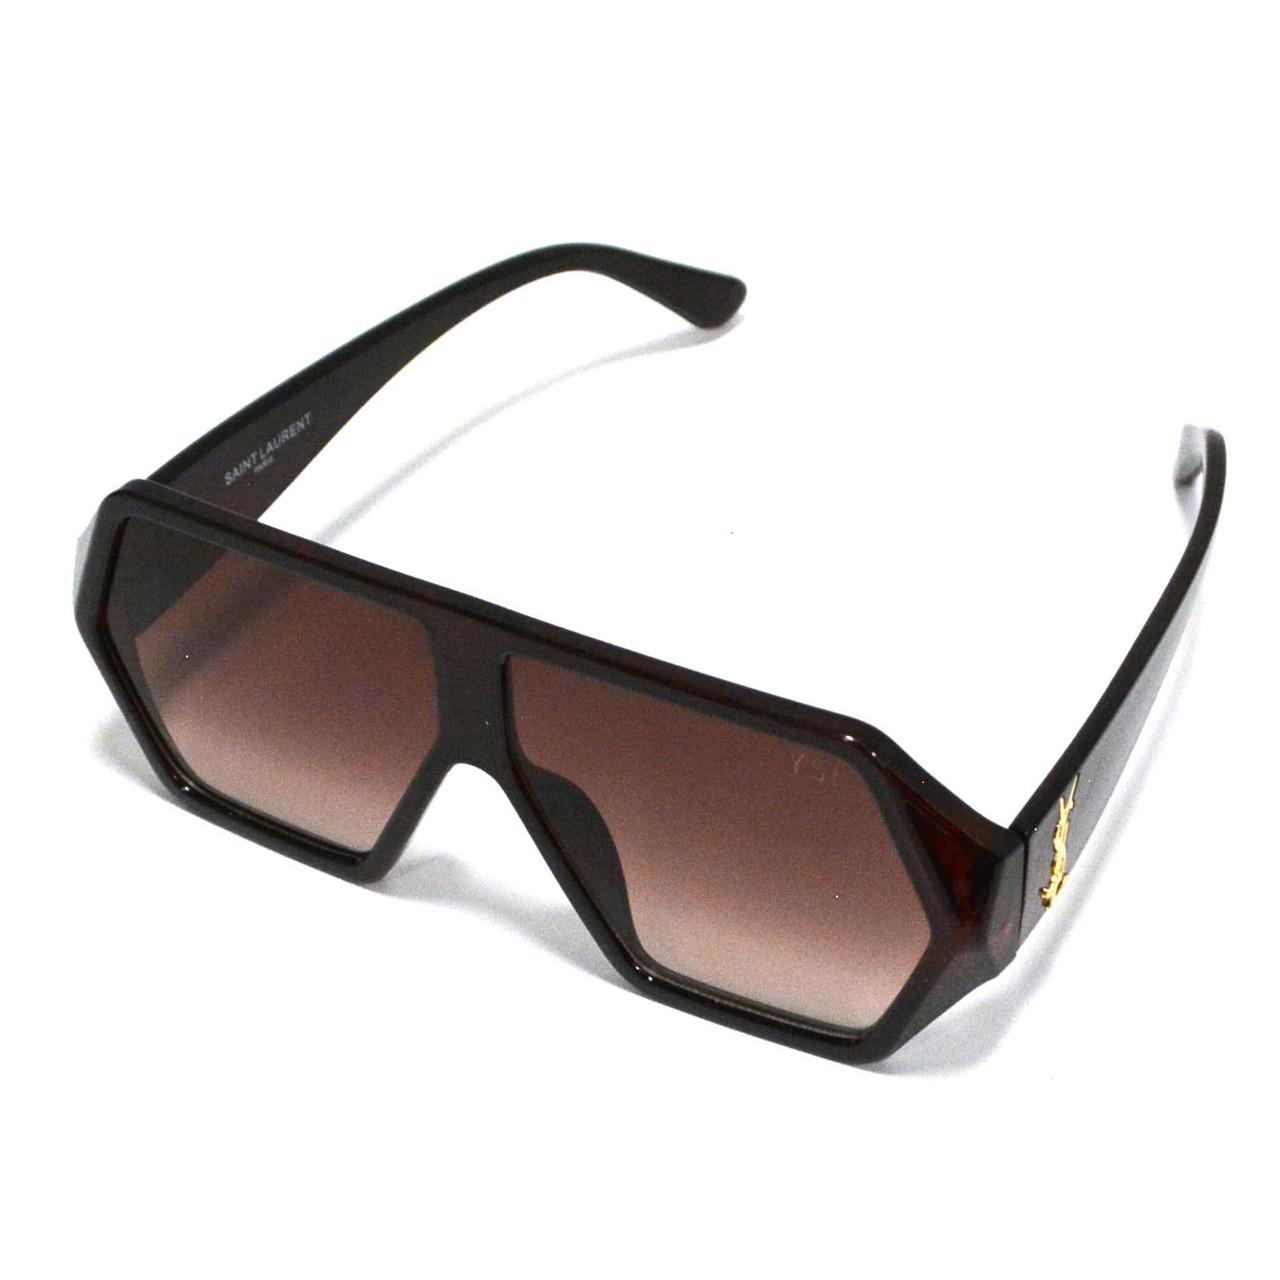 Солнцезащитные очки с коричневыми стеклами с широкой коричневой дужкой YSL 3010 - фото 3